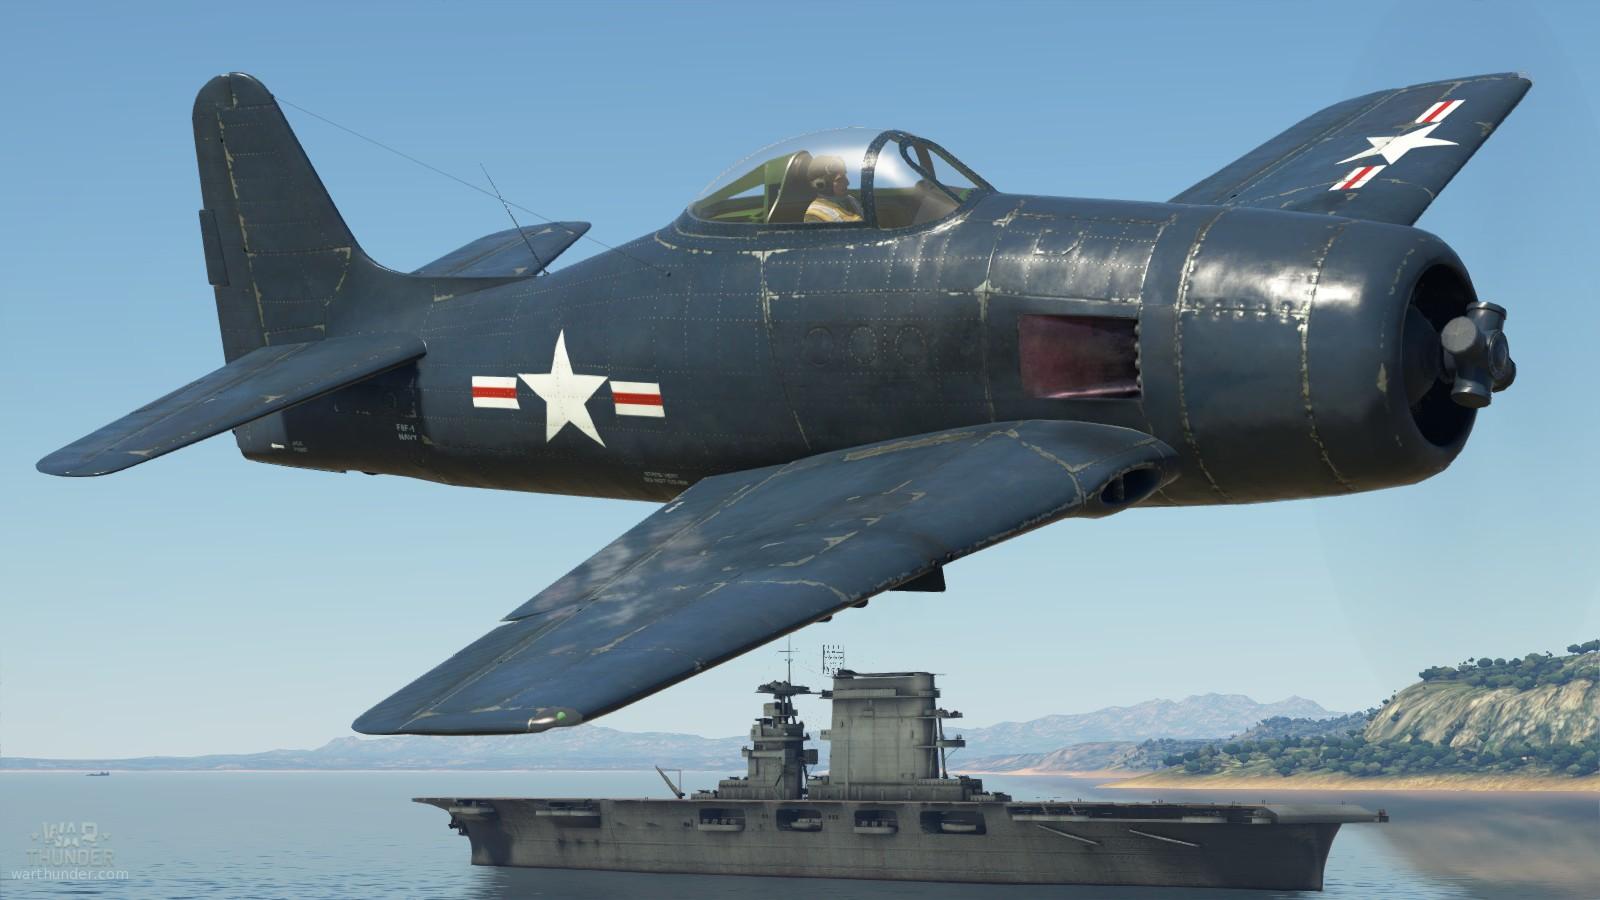 F8F-1 - War Thunder Wiki*